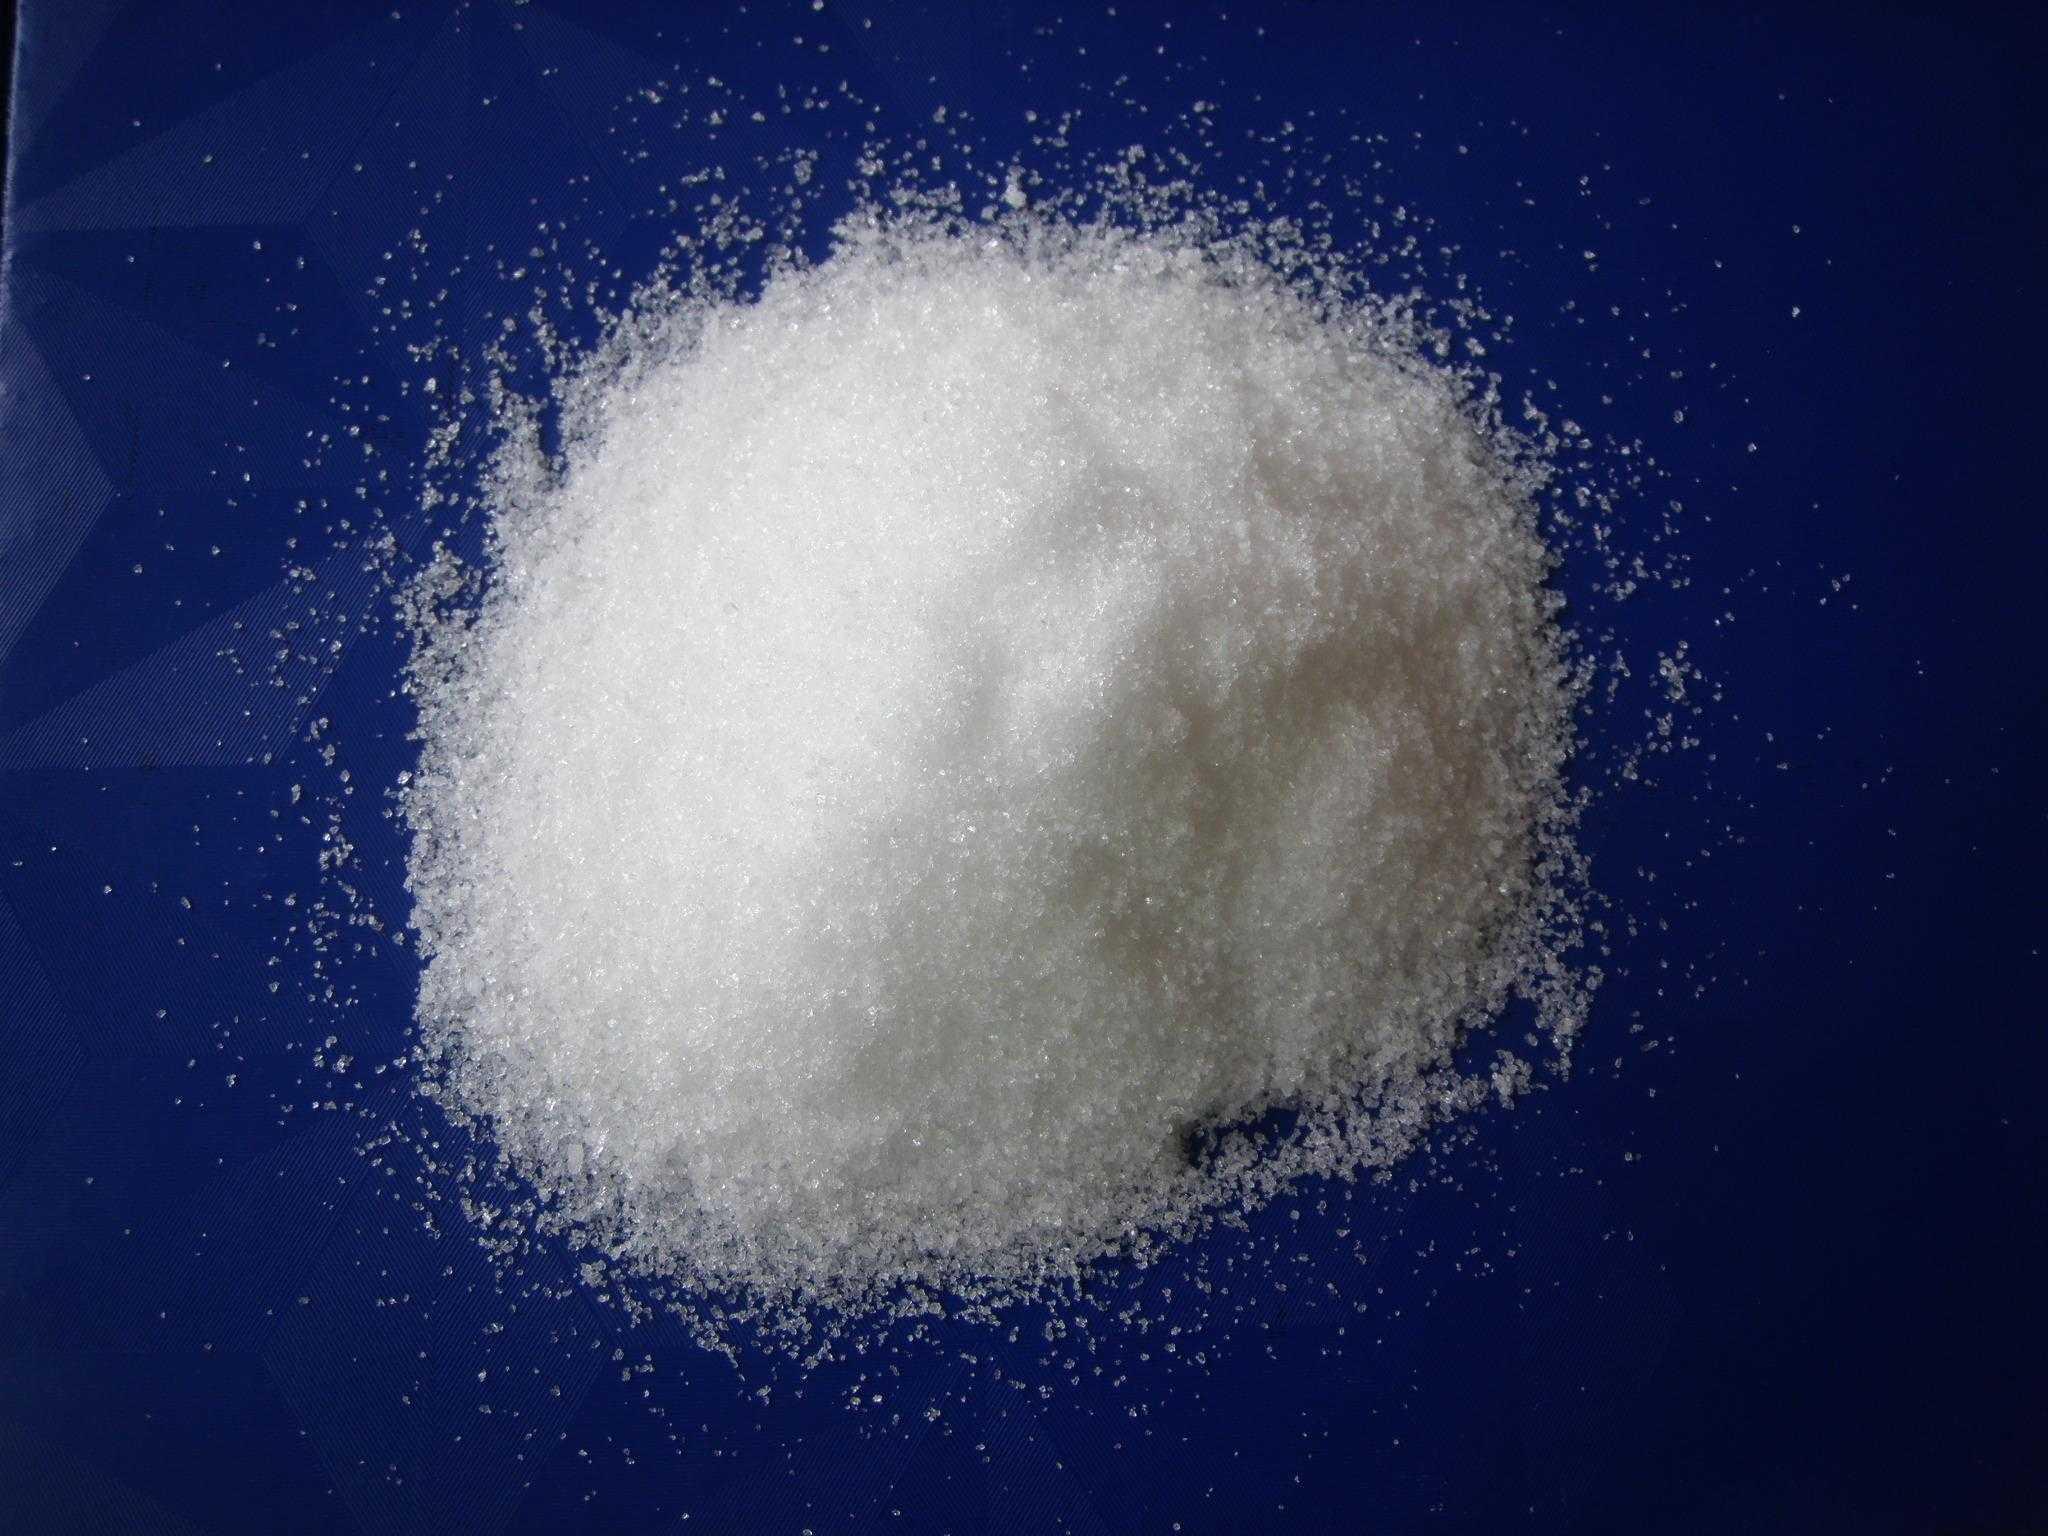 Monopotassium Phosphate, MKP